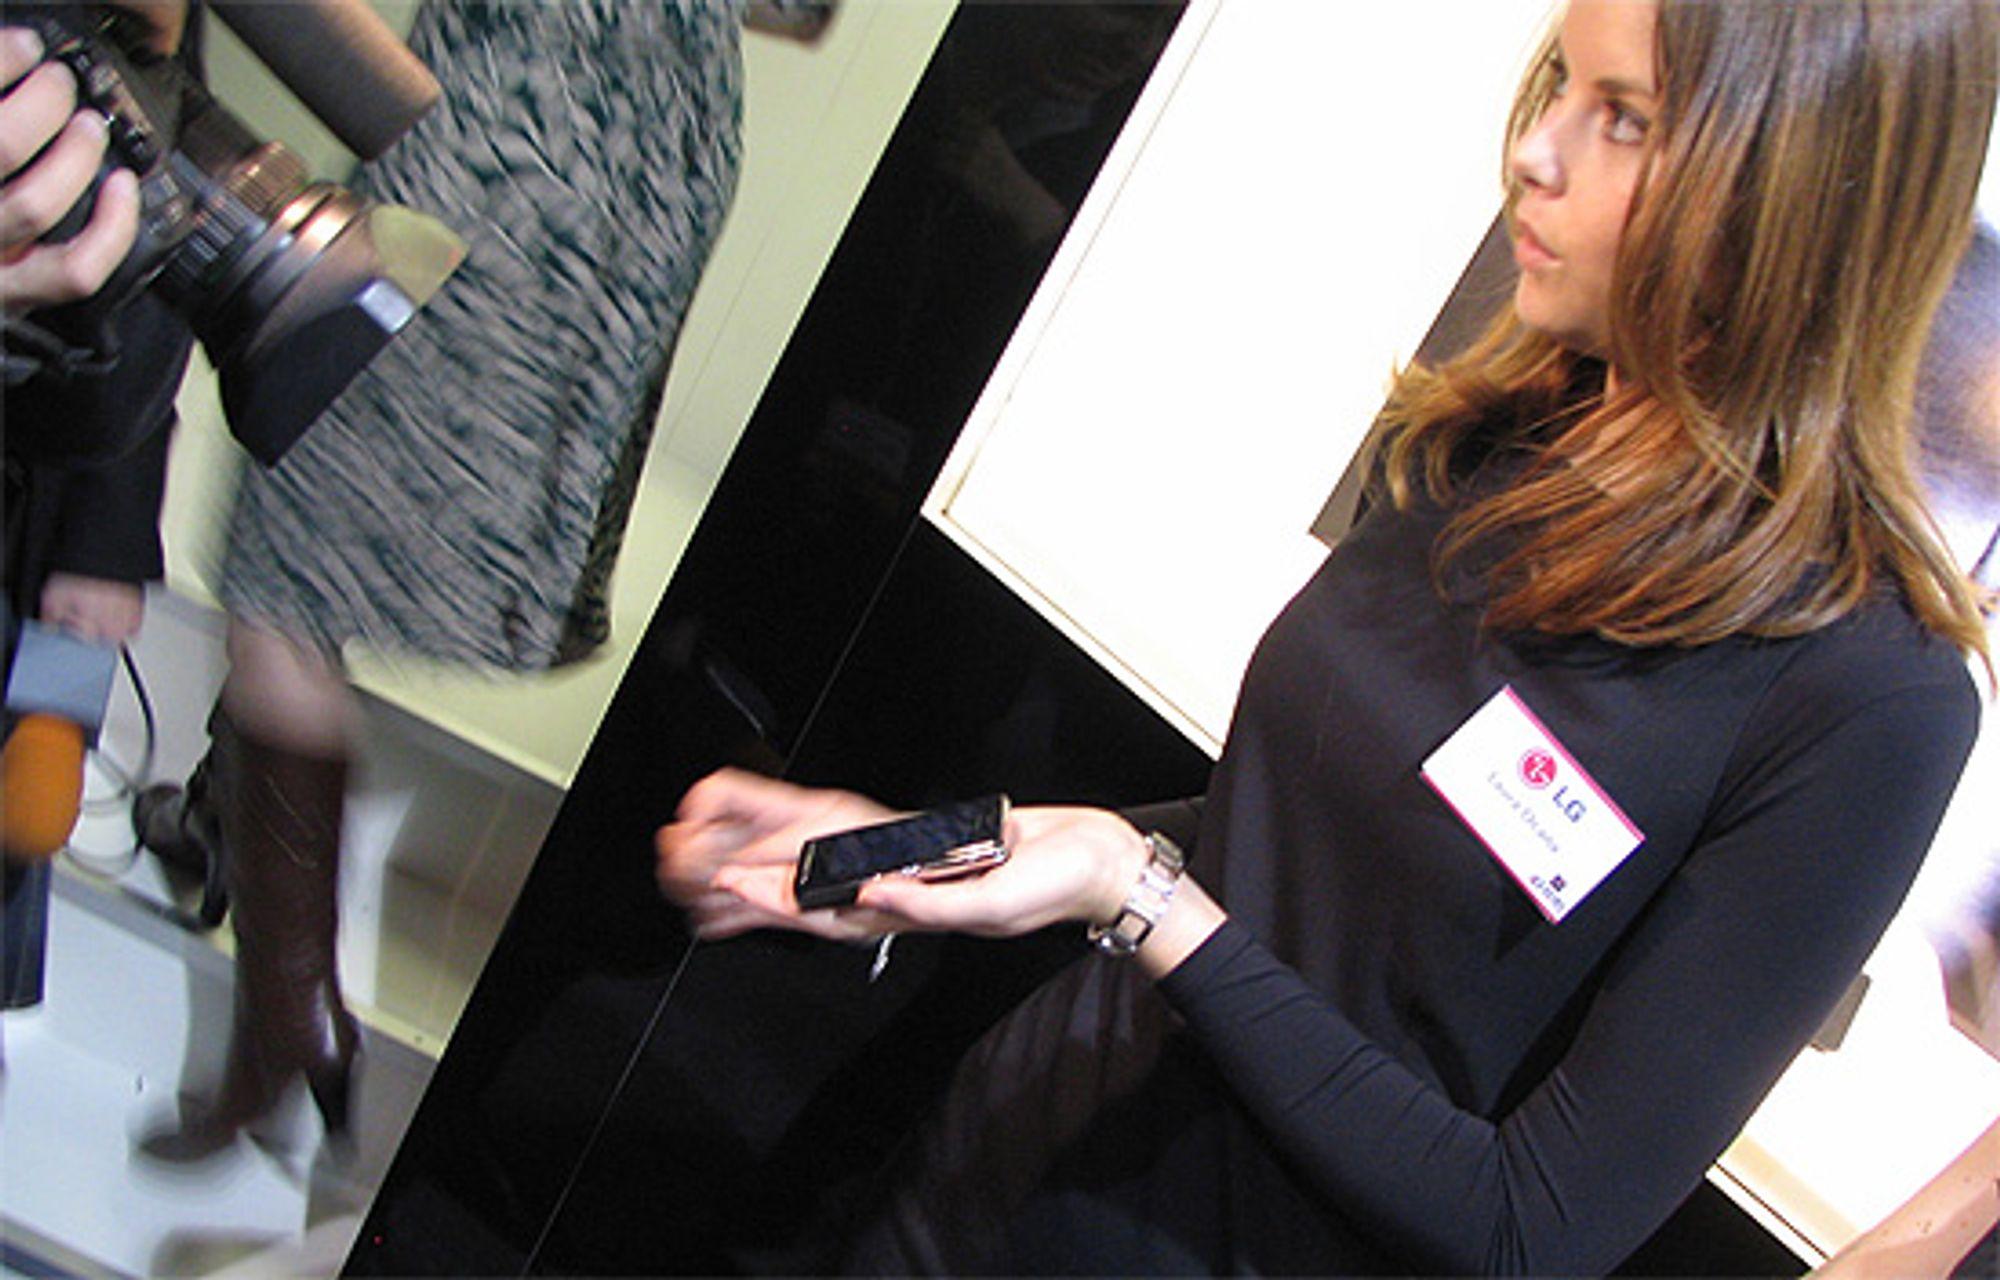 LG viser frem Prada-telefonen. (Alle foto: Marius Valle)